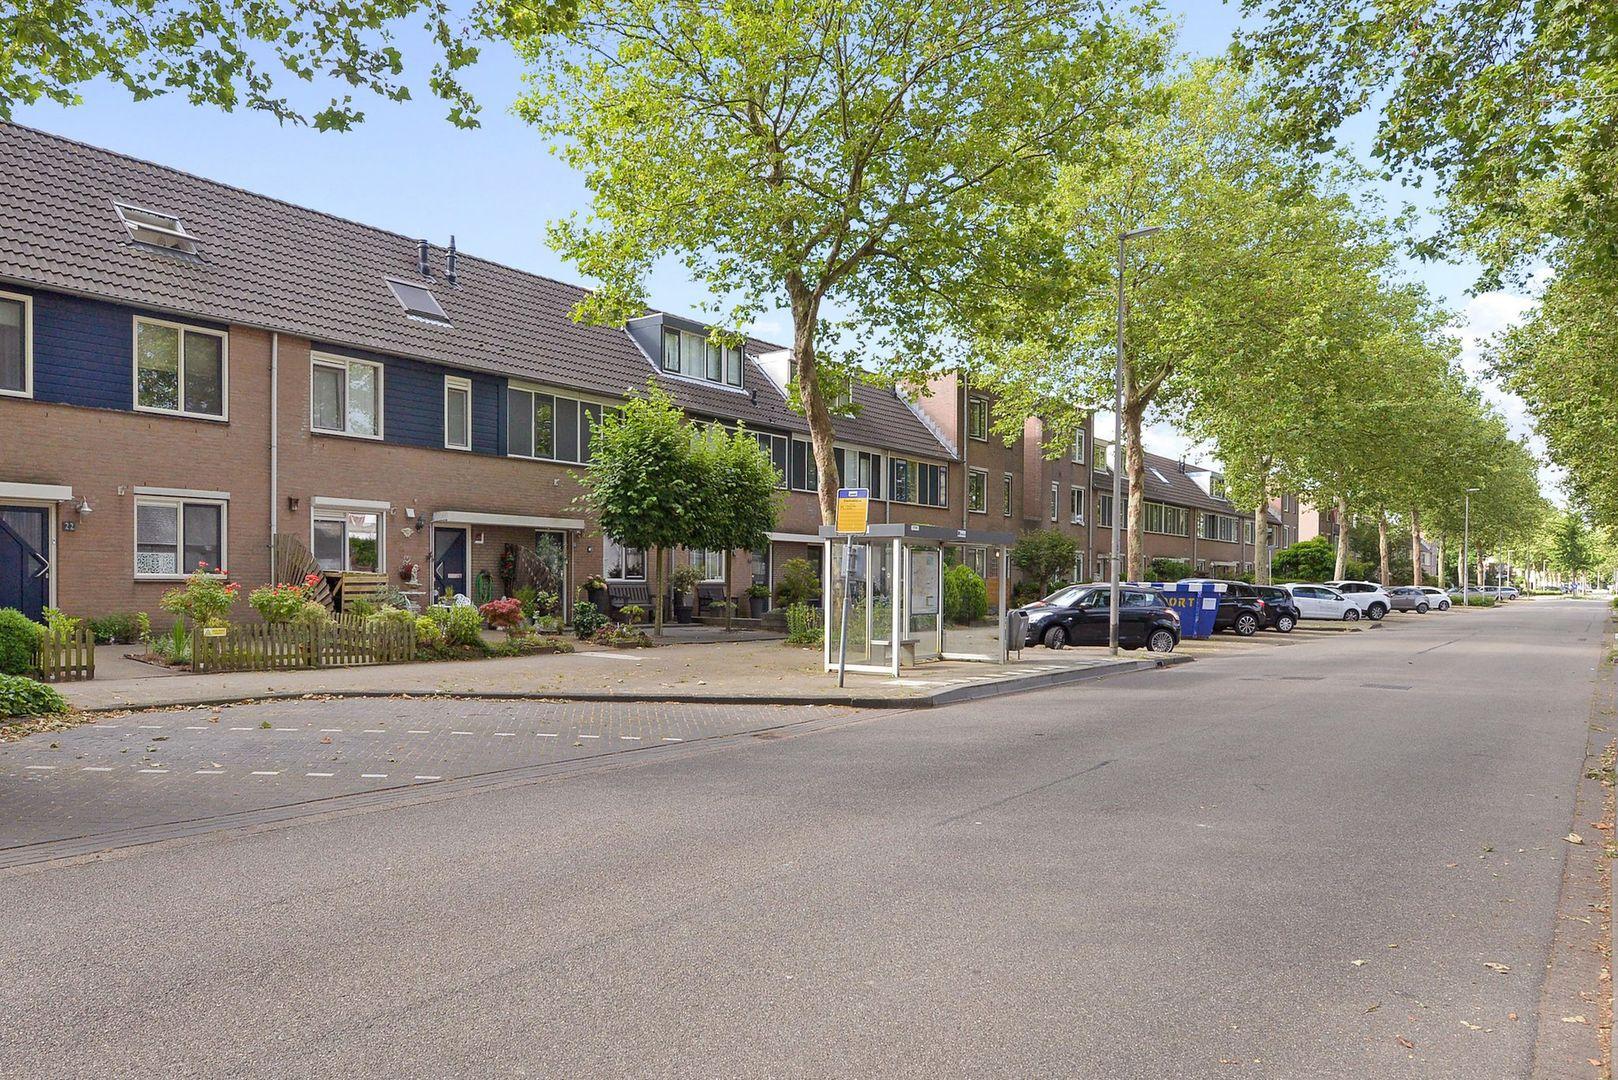 Groen-blauwlaan 22, Zoetermeer foto-1